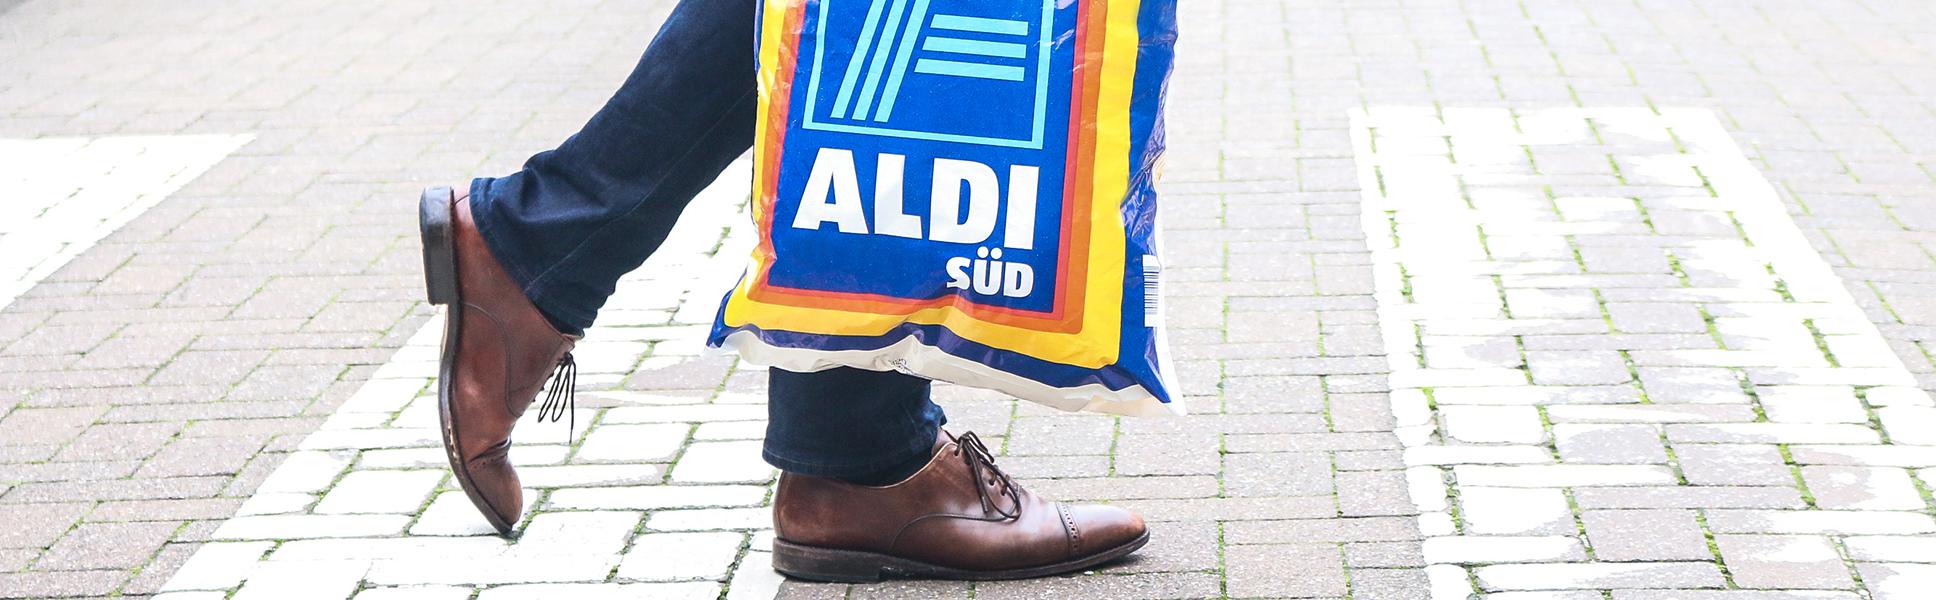 Abschaffung der Einwegtüte bei ALDI.